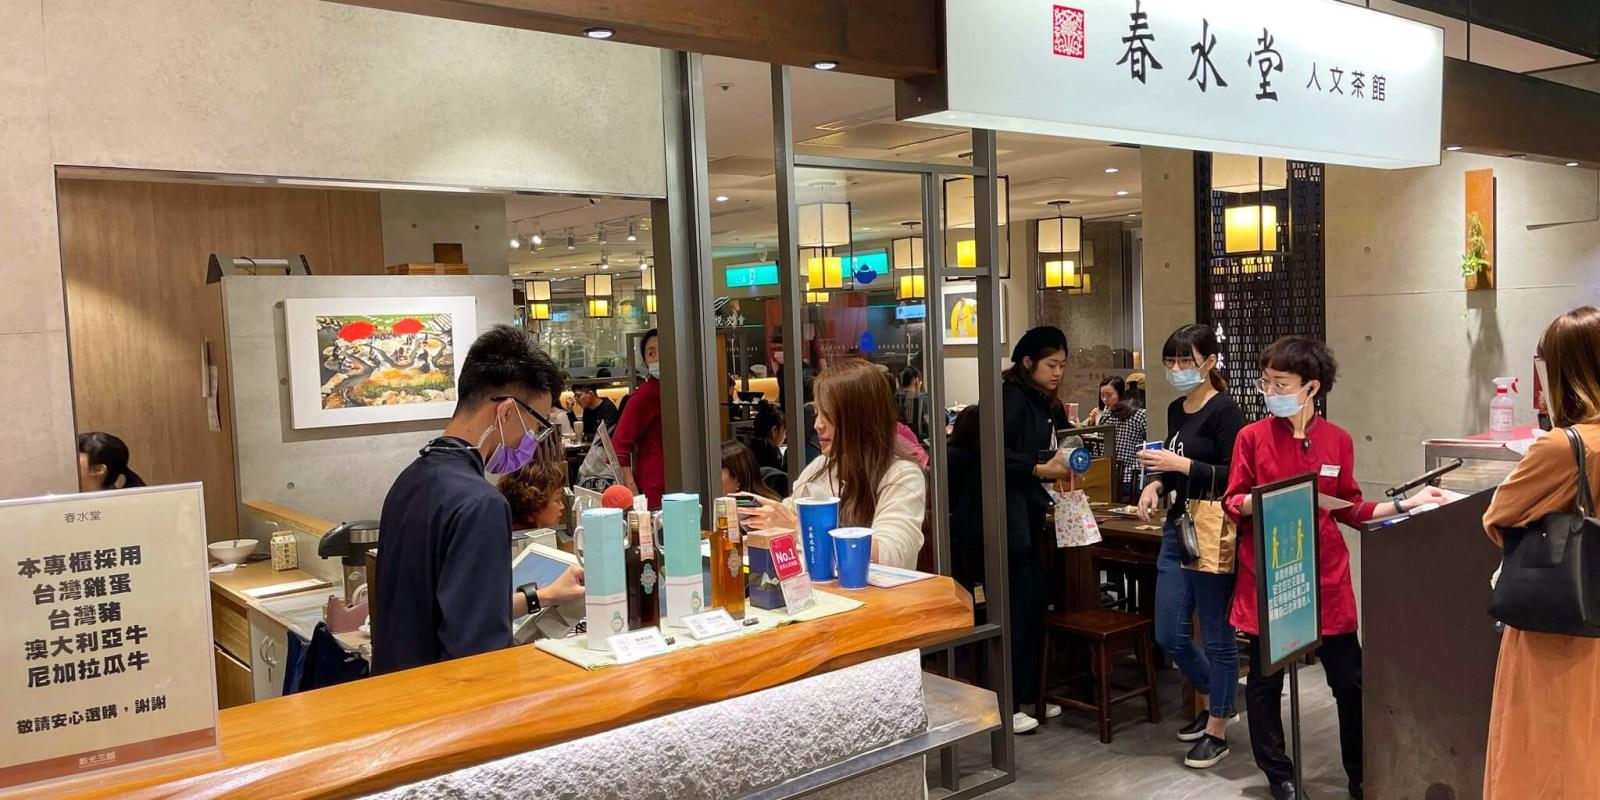 春水堂2021年外帶菜單、內用菜單、最新消息及分店資訊 (6月更新)